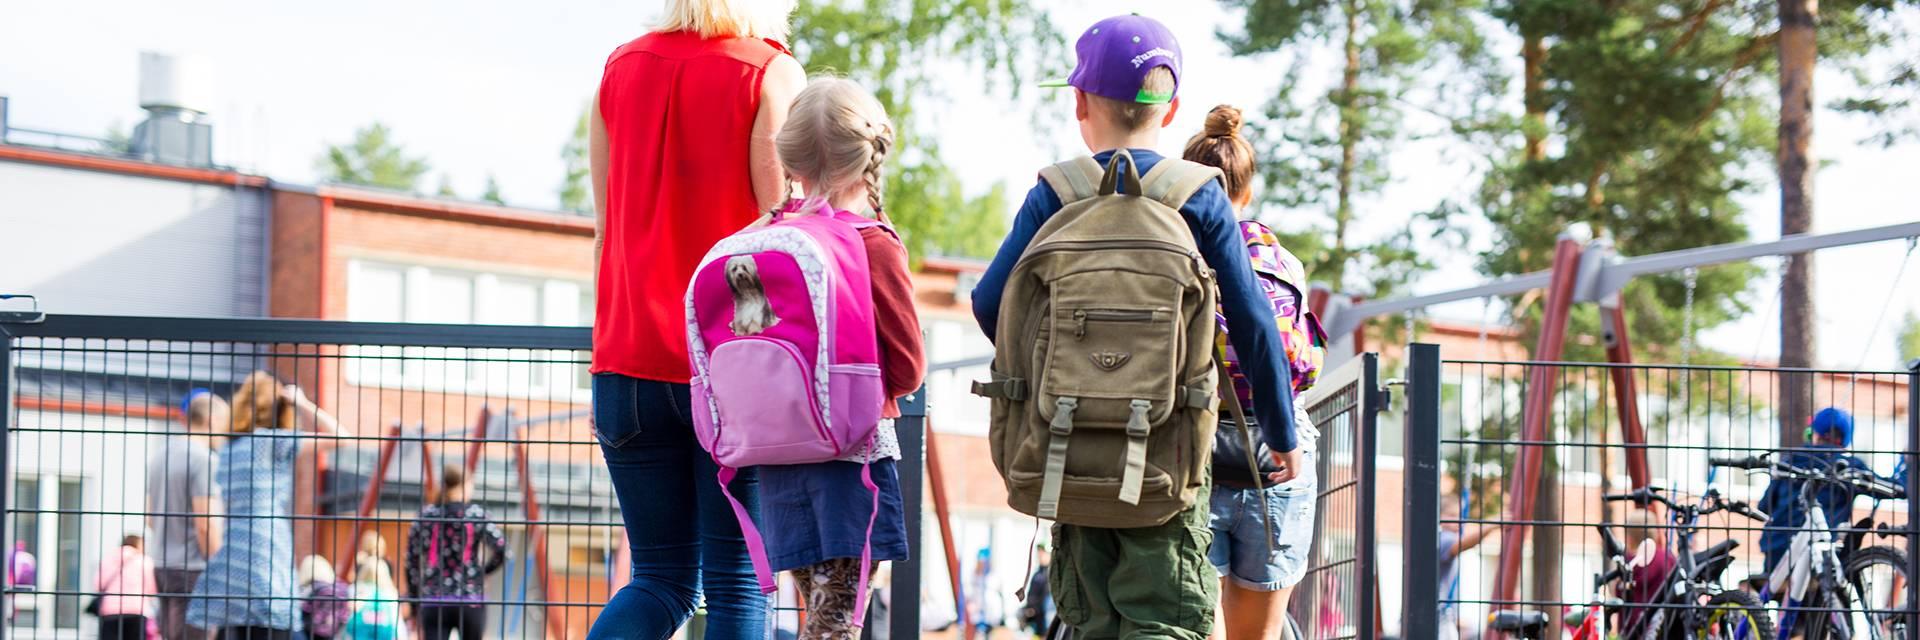 Lapset kävelee koulun pihaan